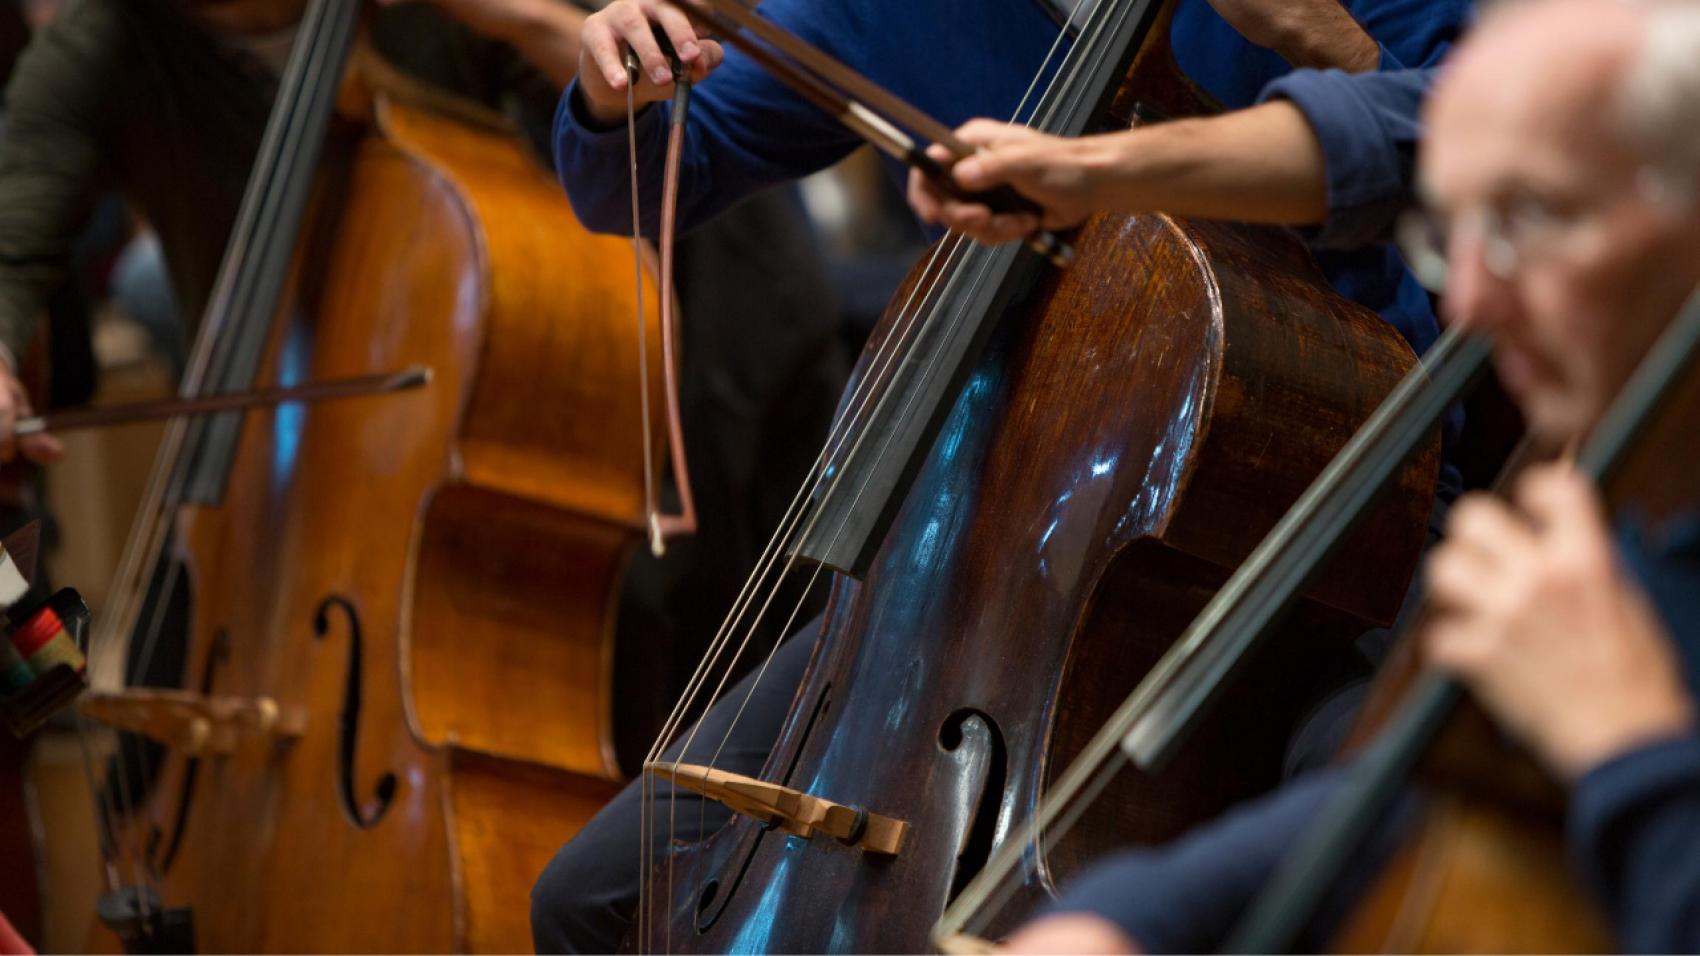 Plaatsvervangend aanvoerder contrabas (85%) - Nederlands Philharmonisch Orkest